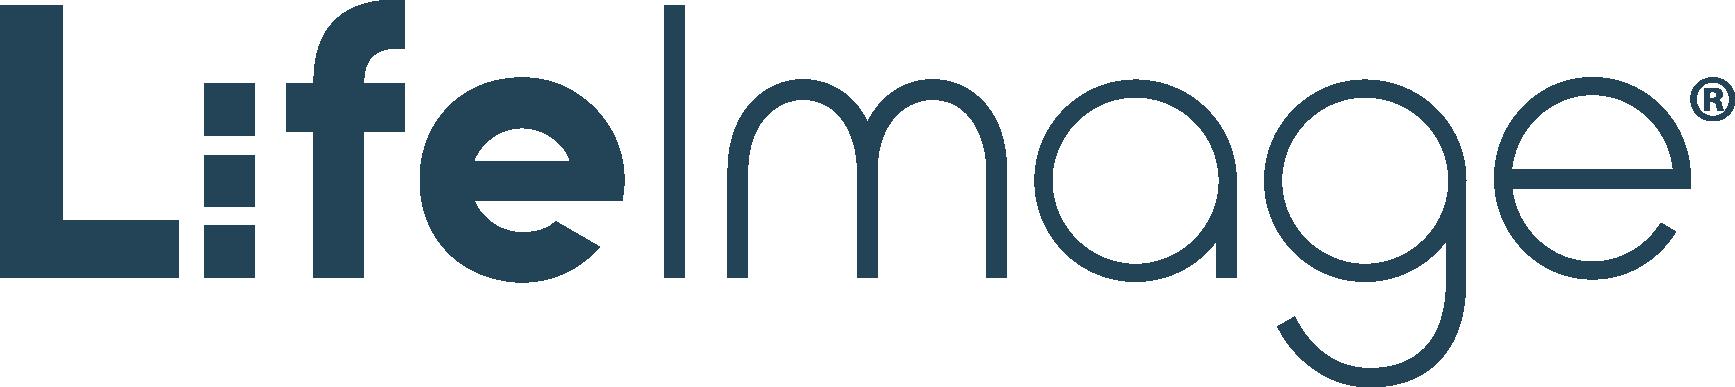 LI-logo-2018.png